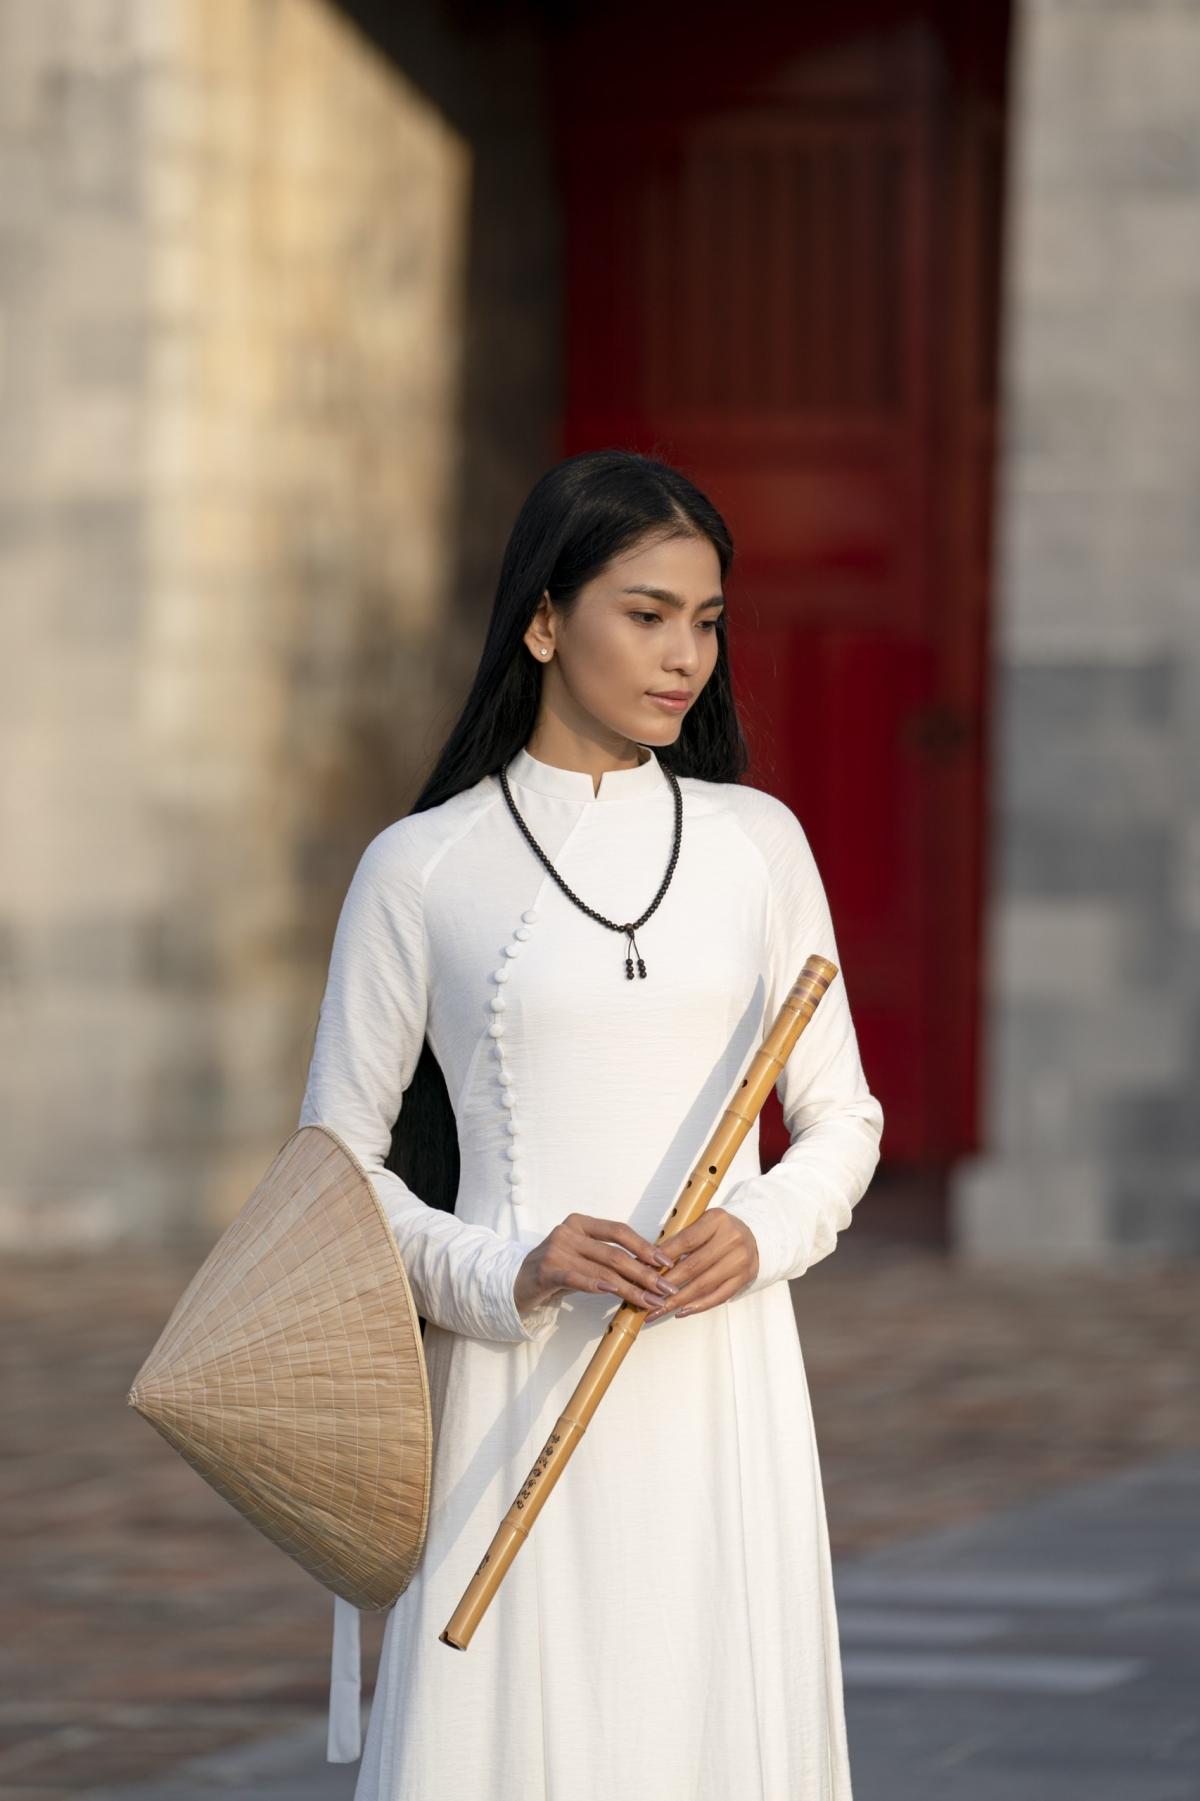 Trong ánh nắng của một buổi chiều tại nơi ghi lại nhiều dấu tích thăng trầm của lịch sử, cùng vẻ đẹp huyền bí của Trương Thị May đã tạo nên những khoảnh khắc đẹp mắt.